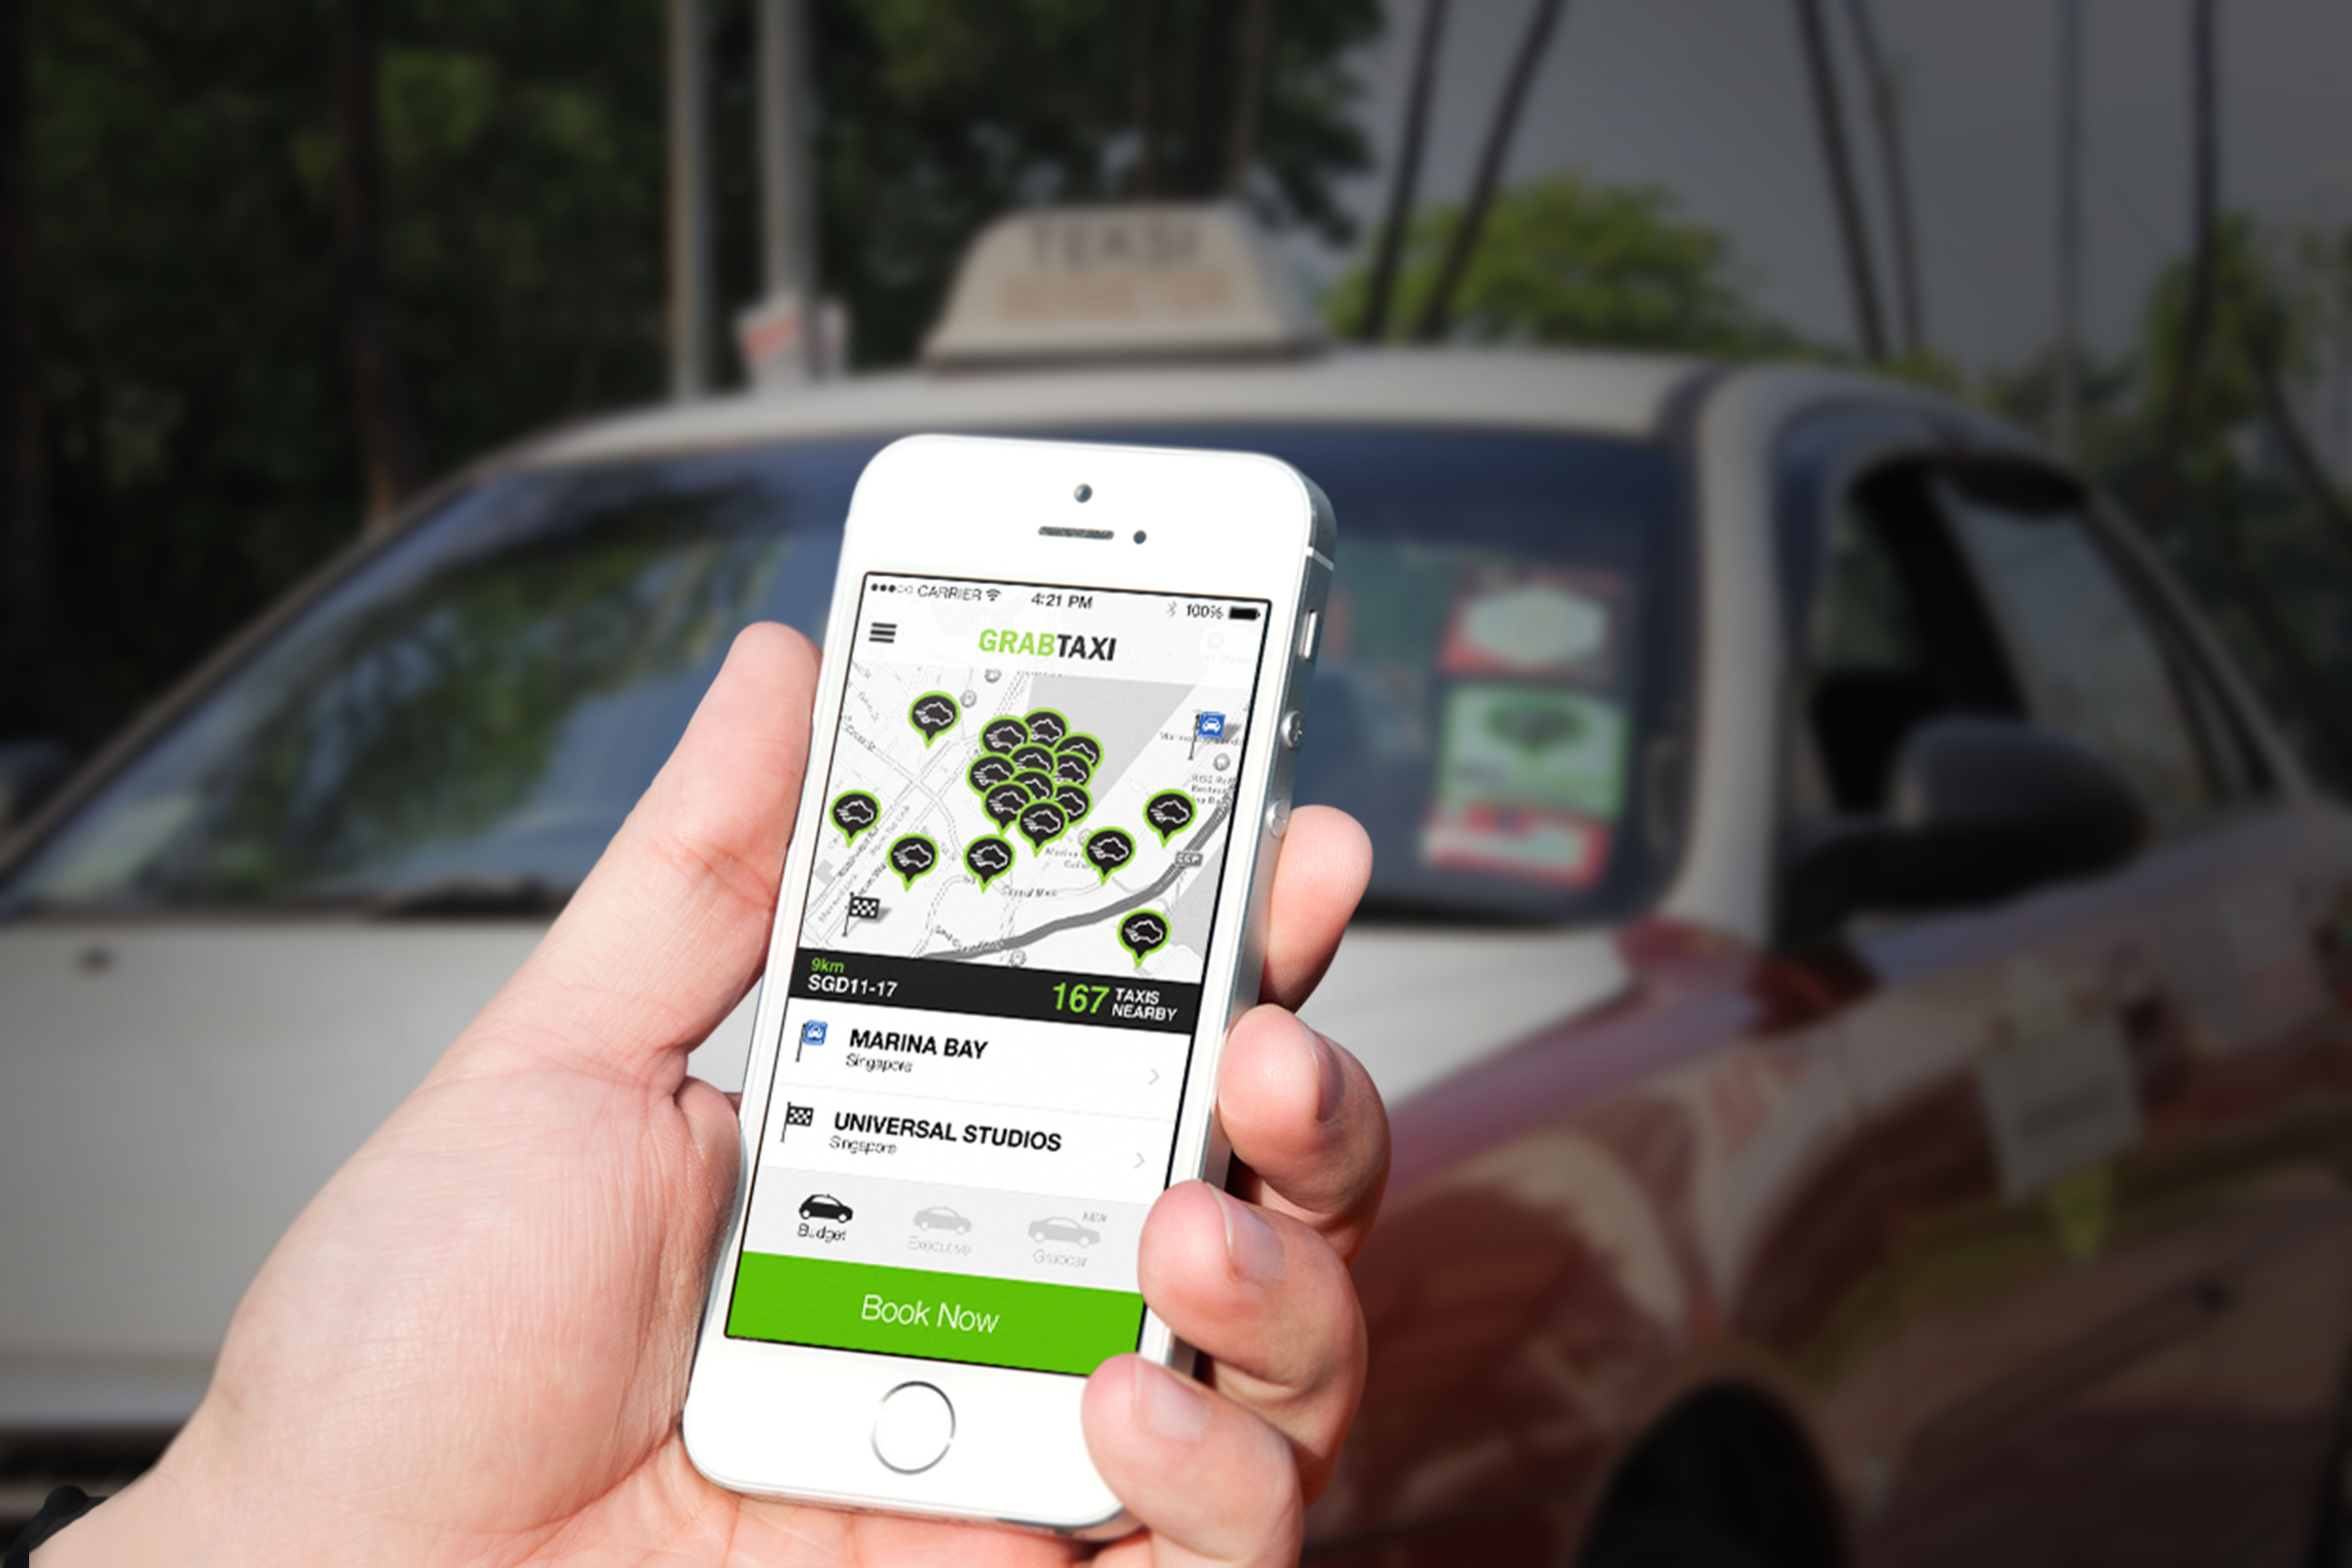 شركة Grab تتلقي استثماراً بقيمة 850 مليون دولار لتطوير تطبيقها وخدمات المالية